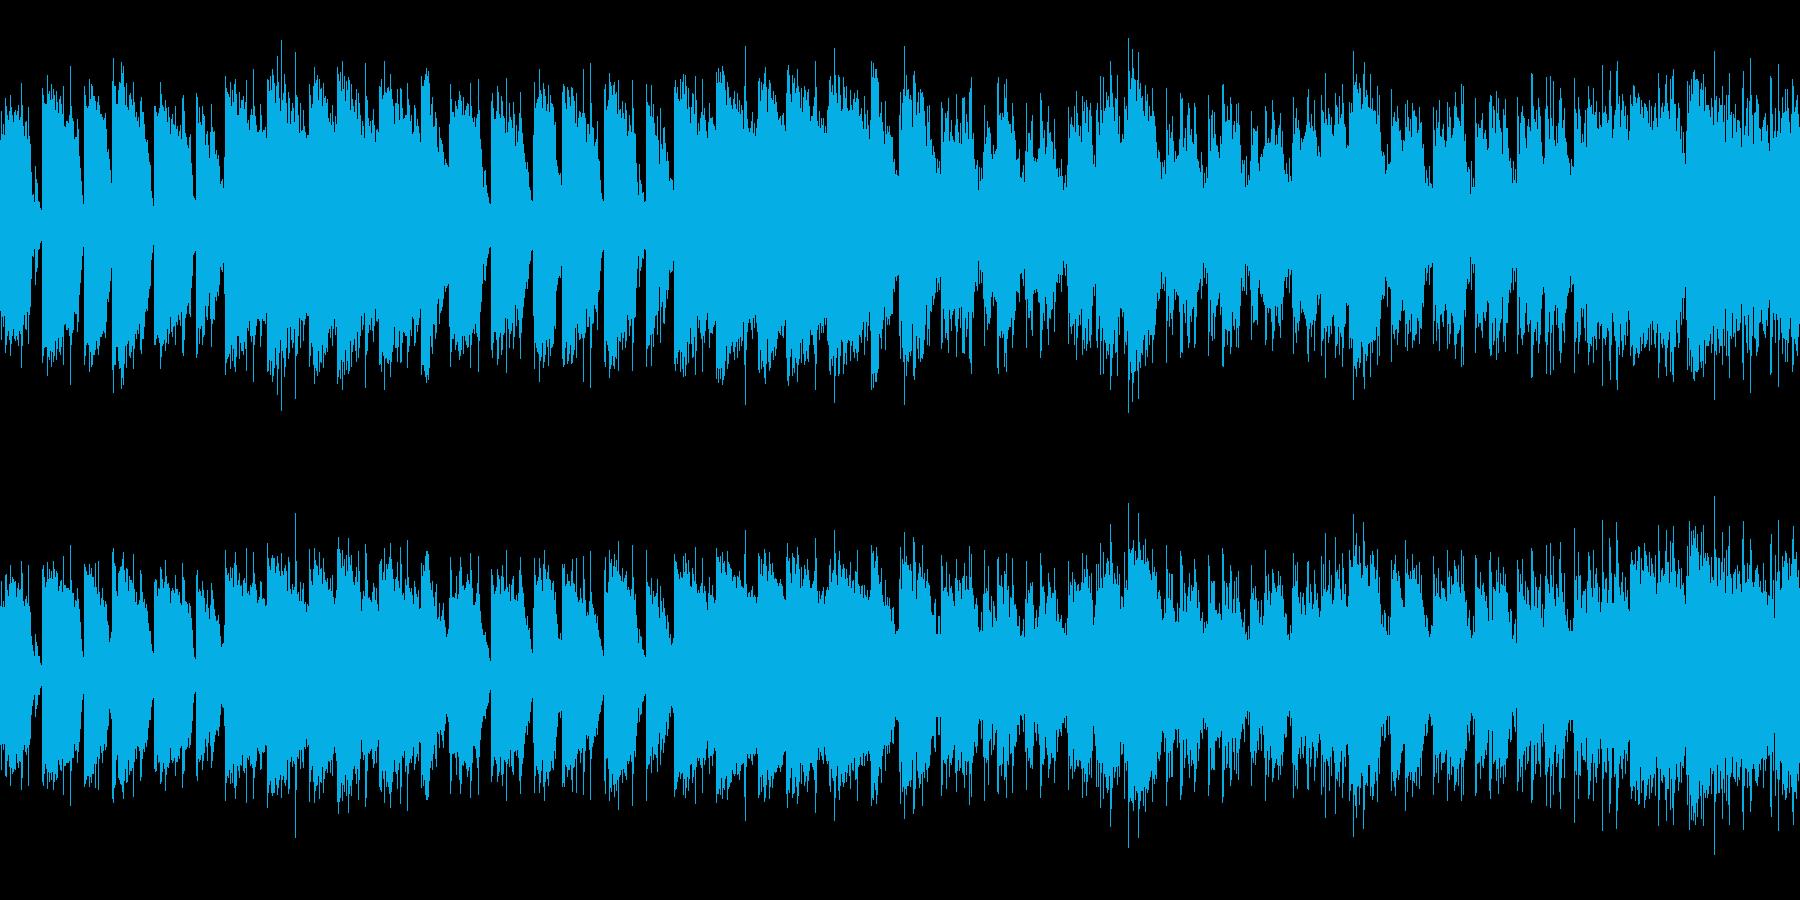 フィールド 戦いへの決意【ループ】の再生済みの波形